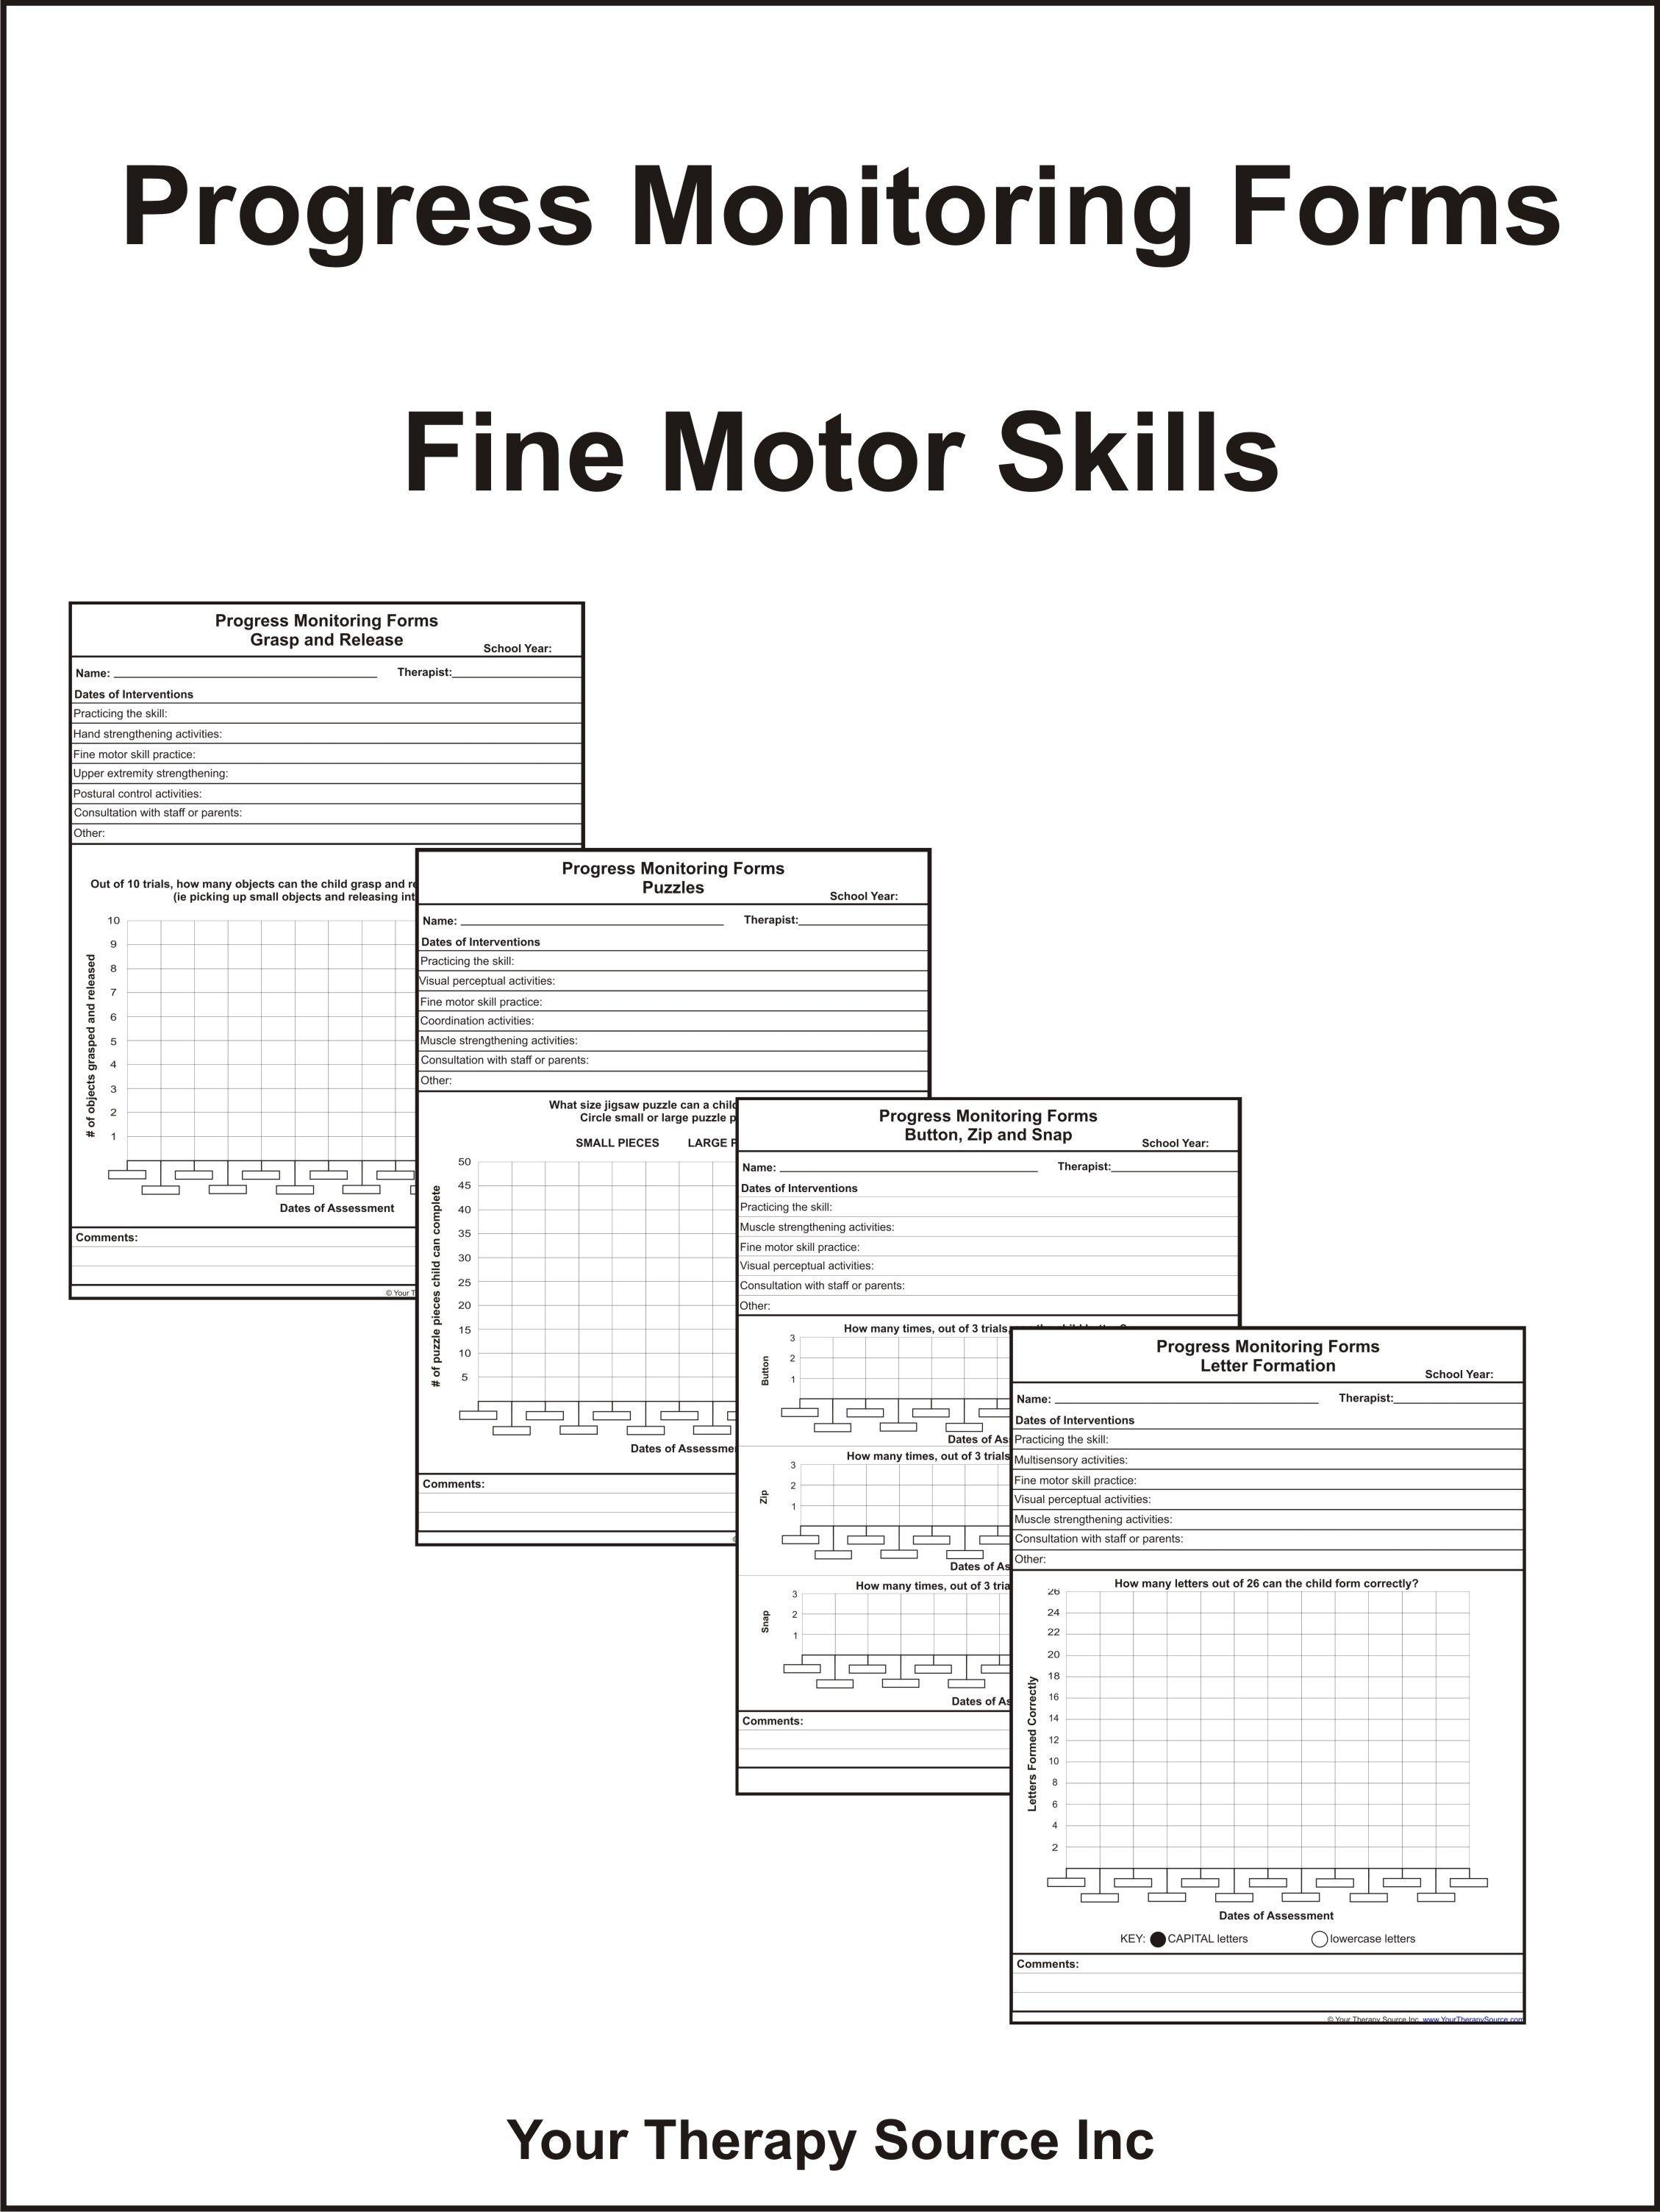 Progress Monitoring Forms Fine Motor Skills Your Therapy Source Progress Monitoring Fine Motor Skills Progress Monitoring Forms